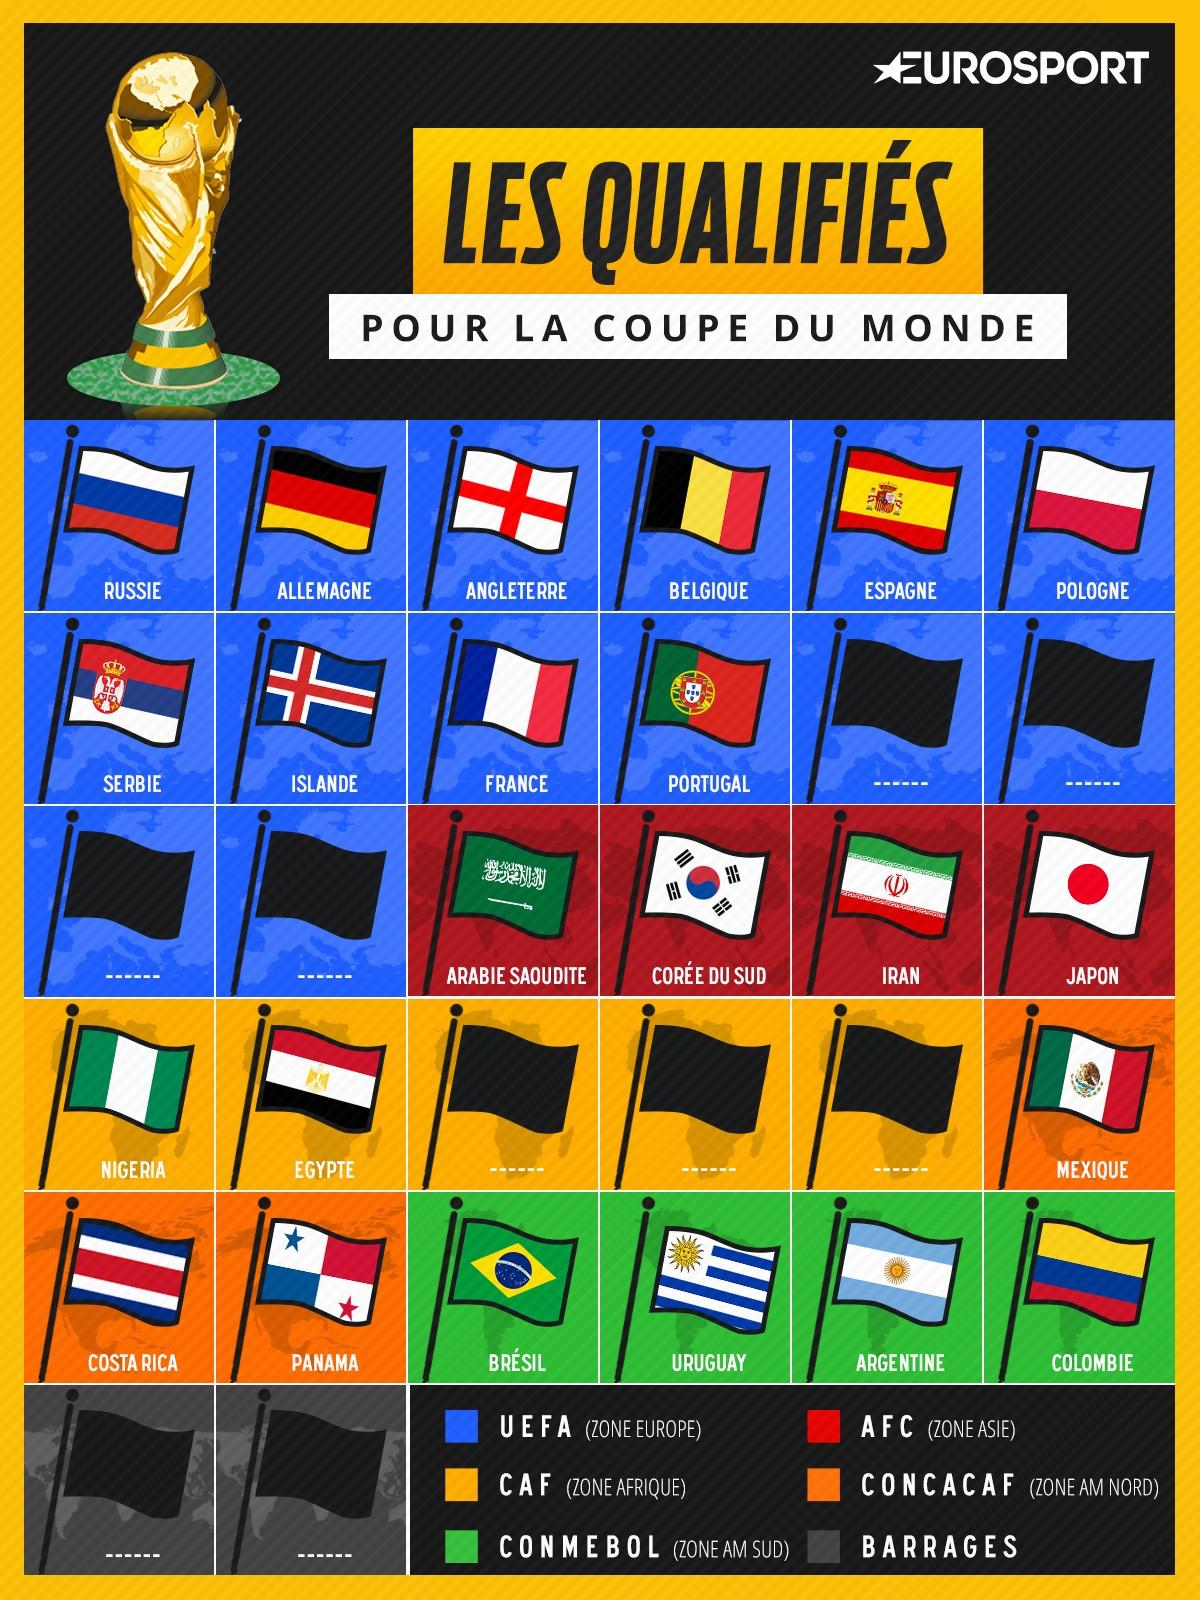 On connaît désormais 23 des 32 équipes qui disputeront la Coupe du monde 2018 en Russie.